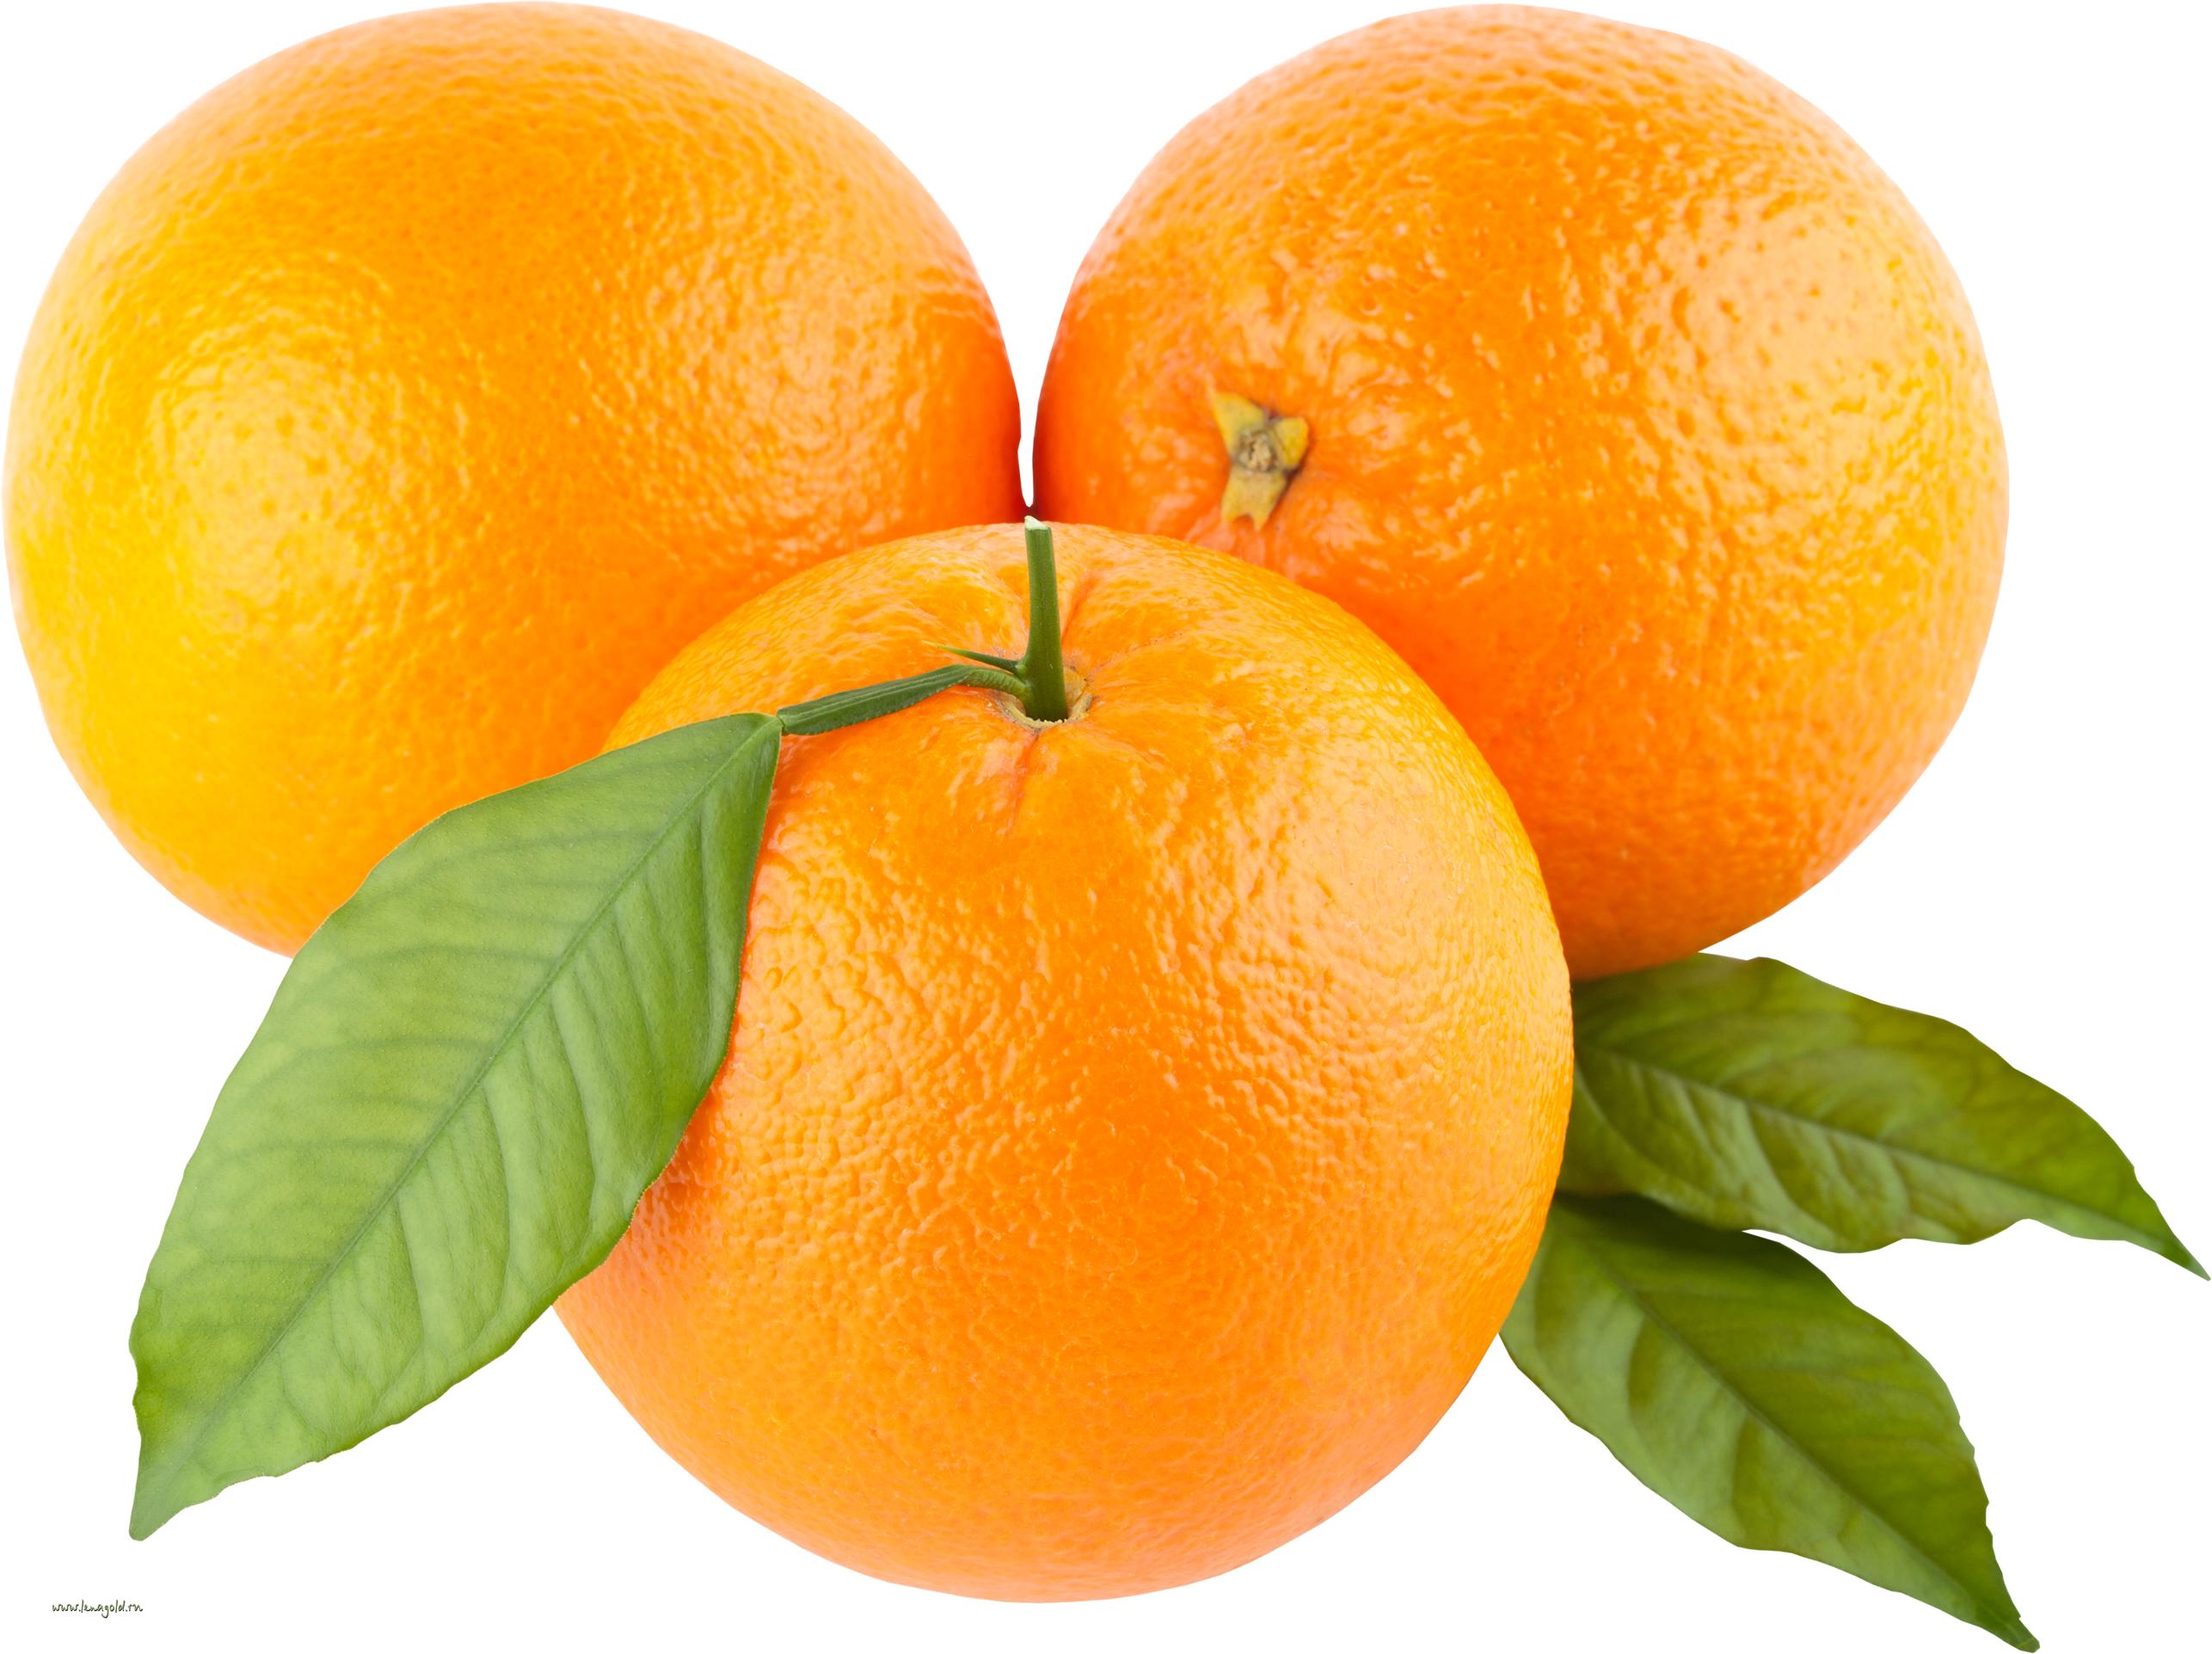 Oranges orange clip art free clipart images 5.